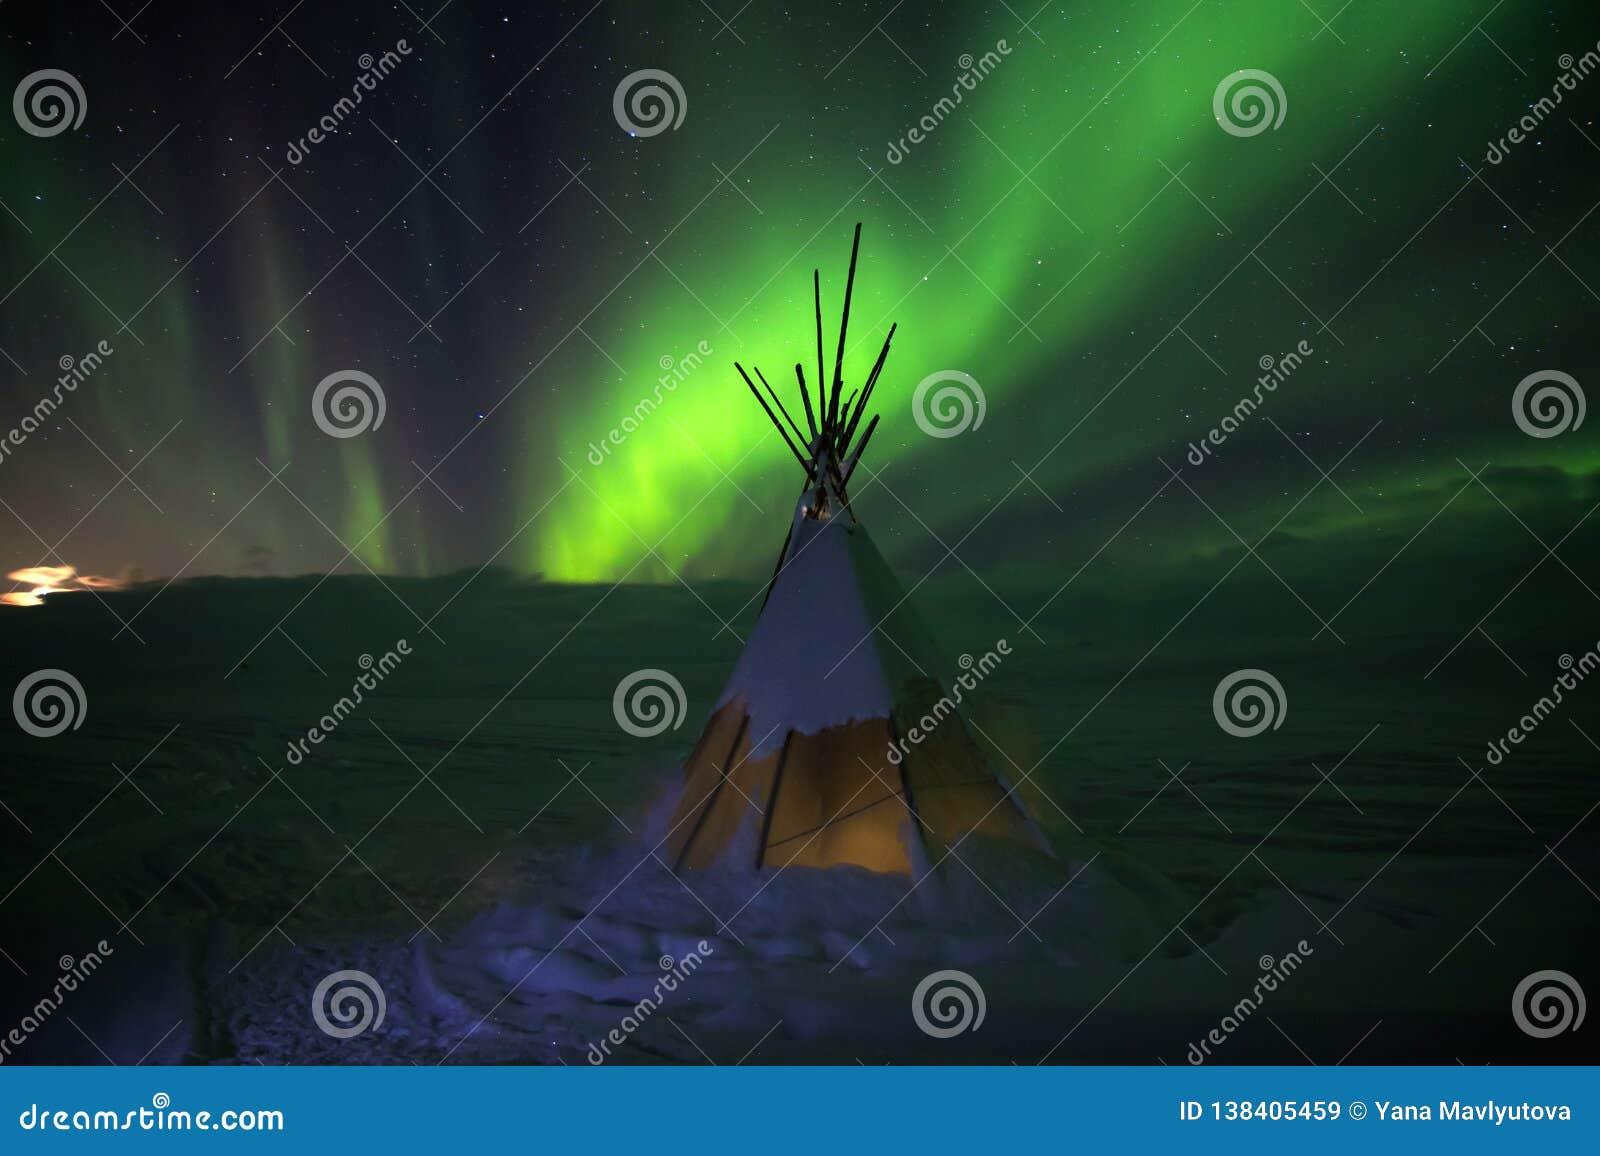 Aurora borealislichten bij nacht in witte sneeuwtoendra, Rusland, het Noorden Mooi noordpool polair landschap van groene blikseml